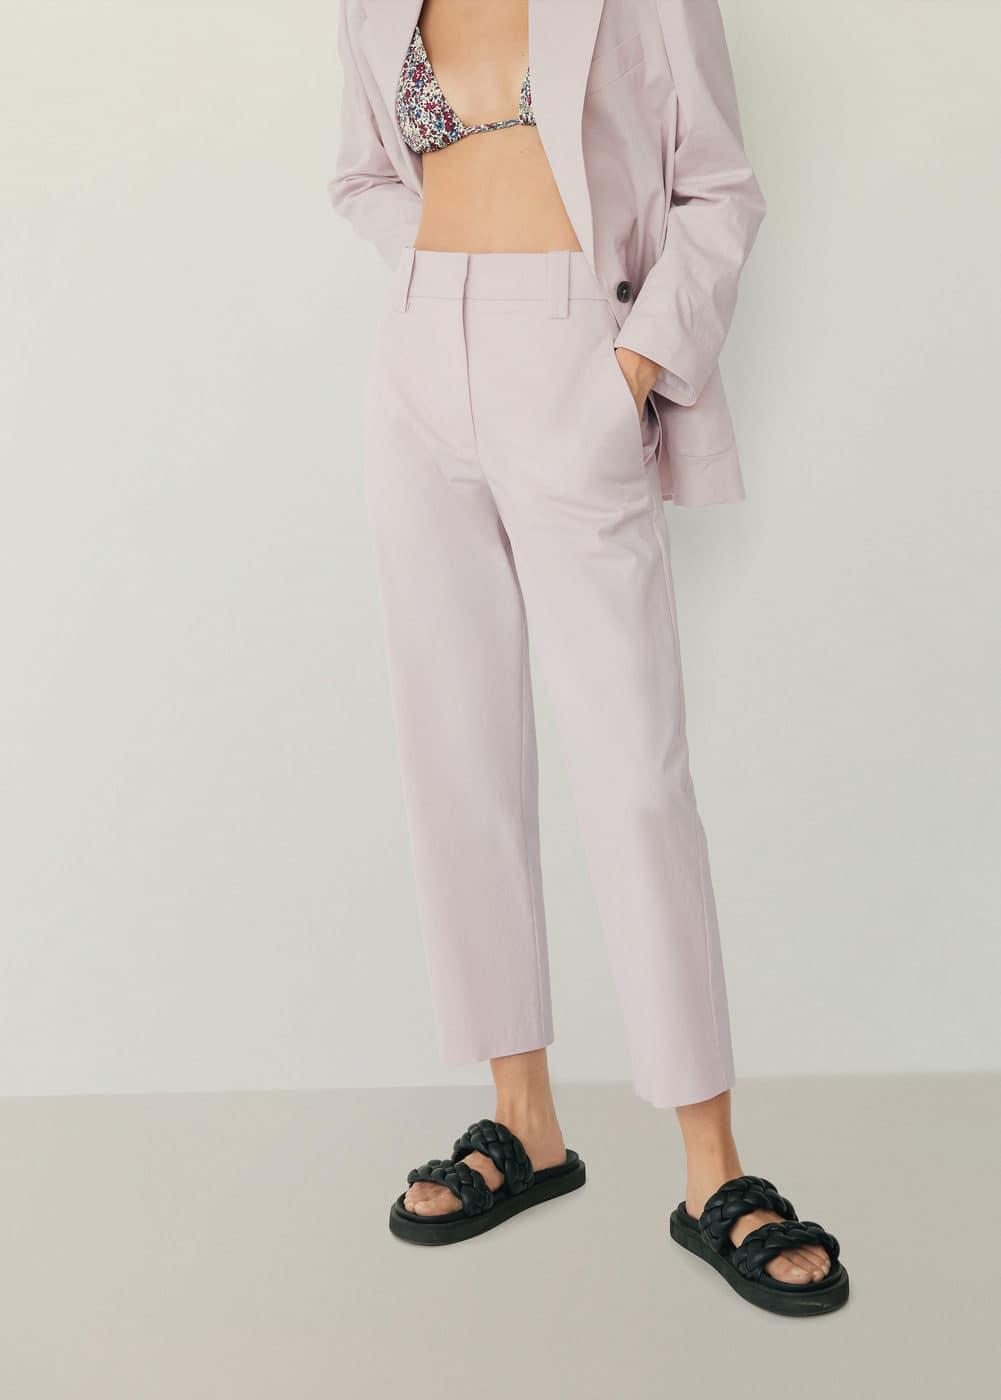 m-studio:pantalon recto traje